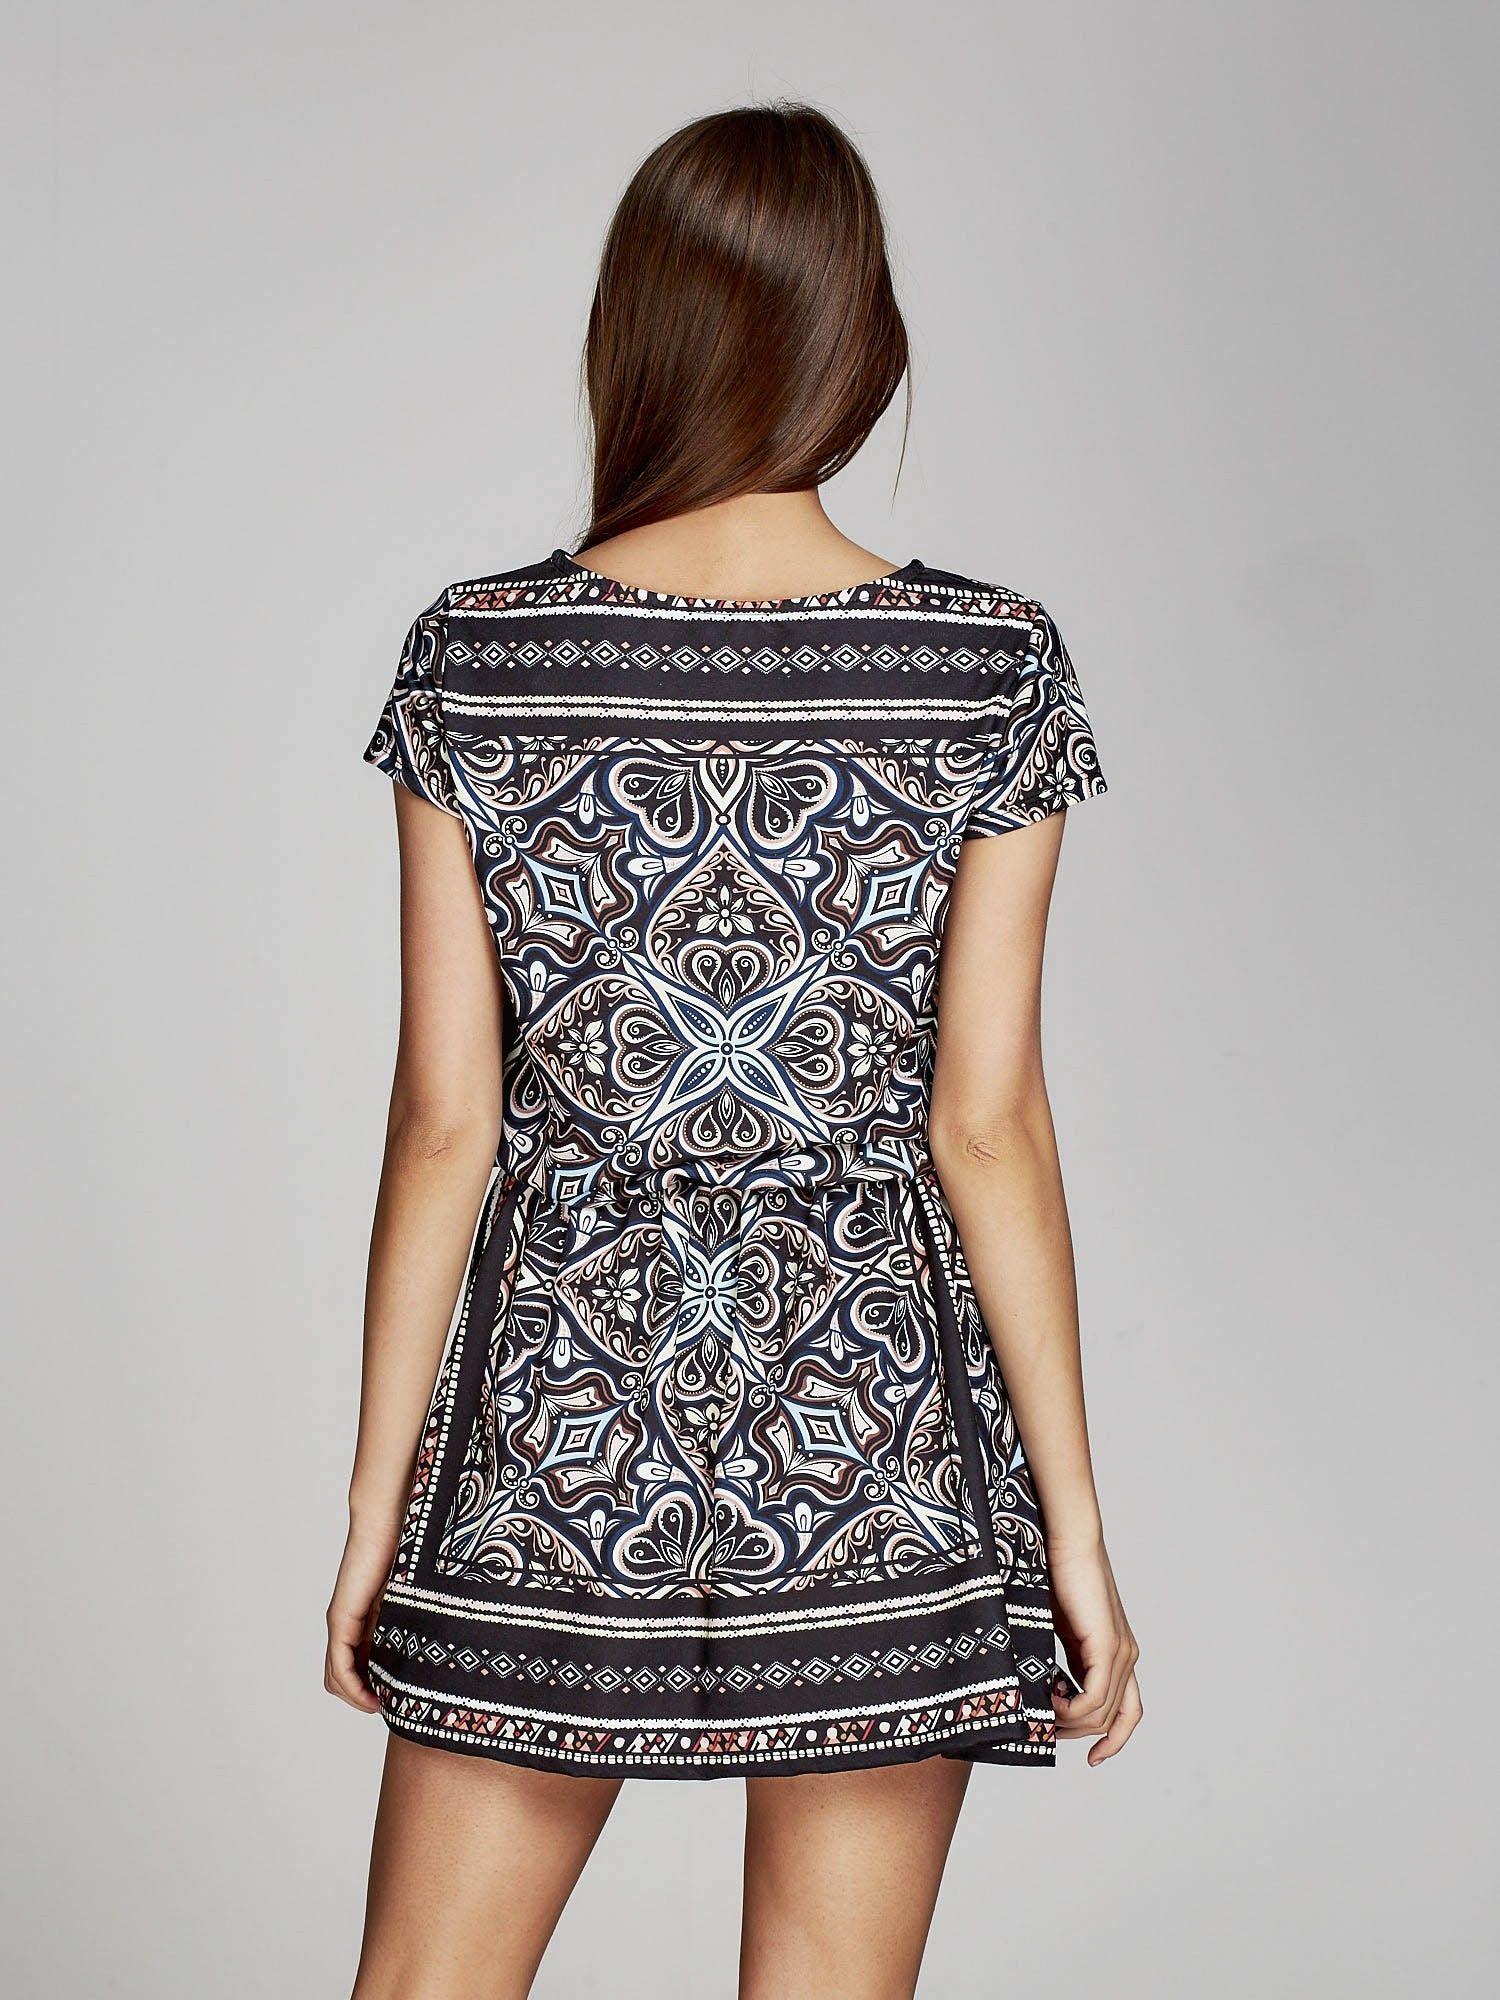 0c8903acf0 Czarna sukienka w orientalne wzory - Sukienka na co dzień - sklep ...